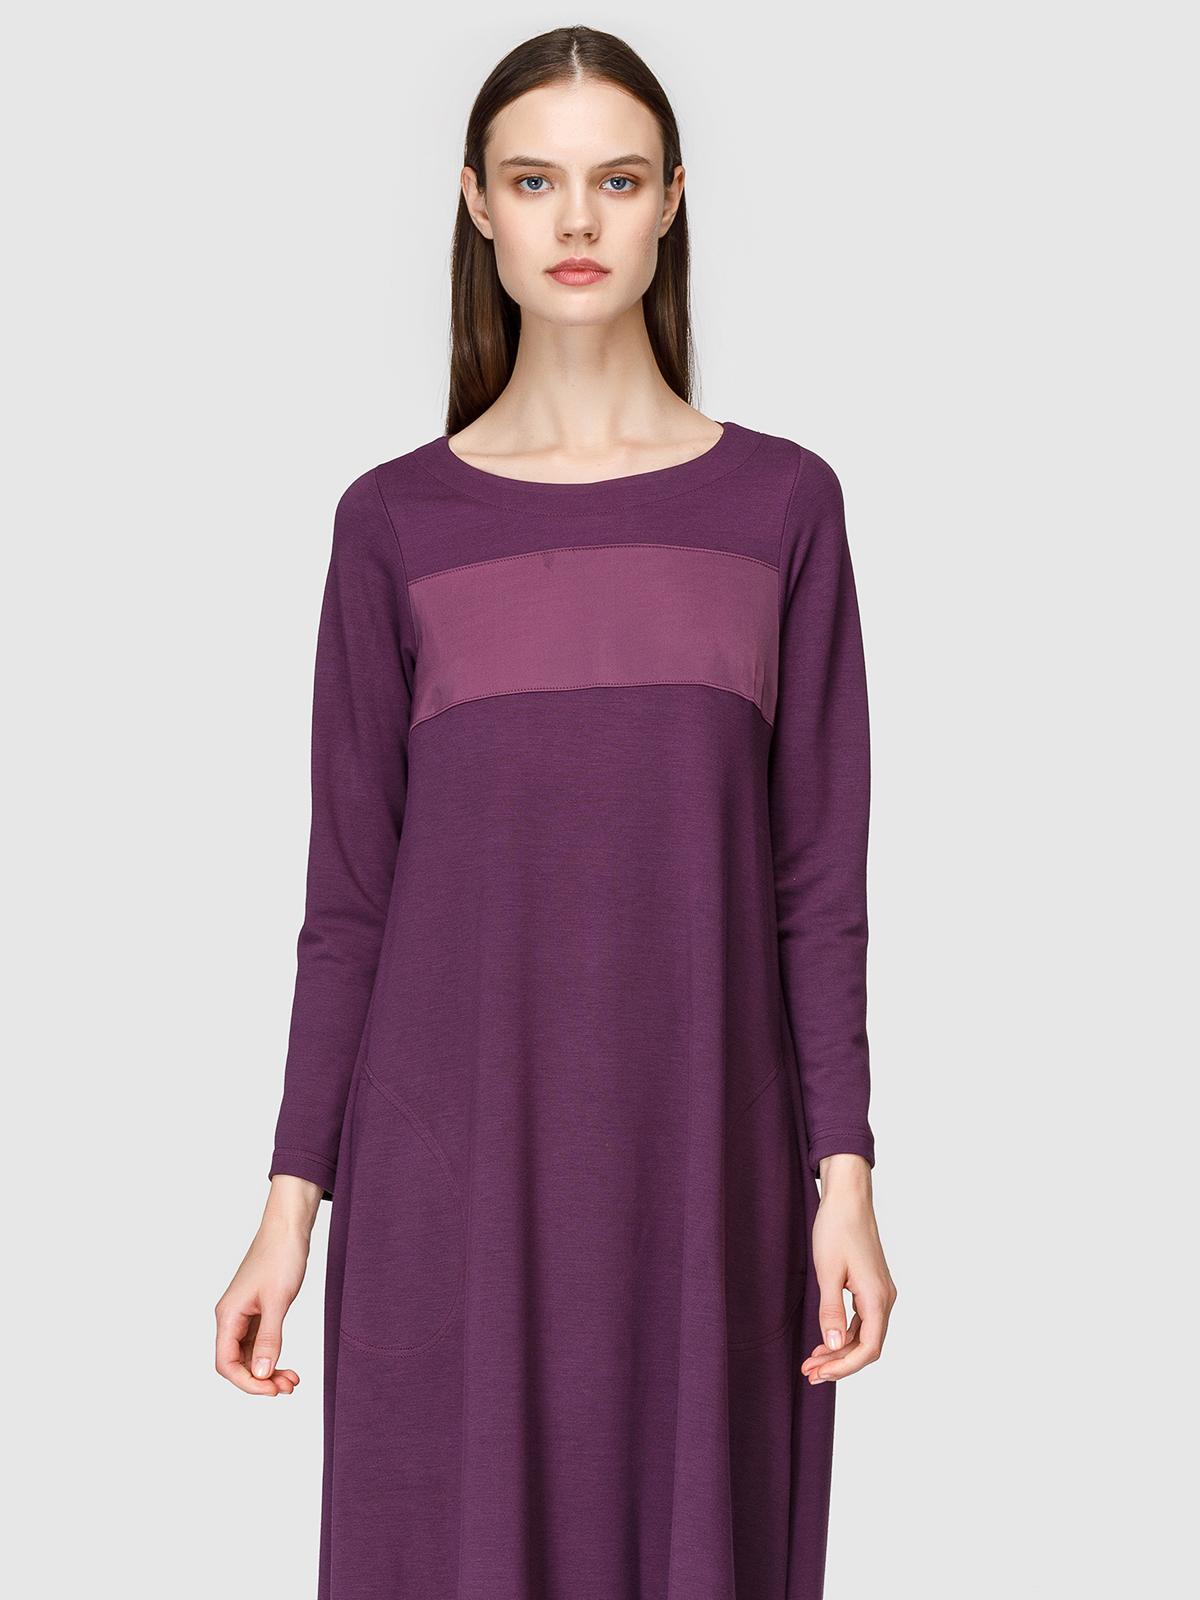 Платье женское Helmidge 8028 фиолетовое 20 UK фото